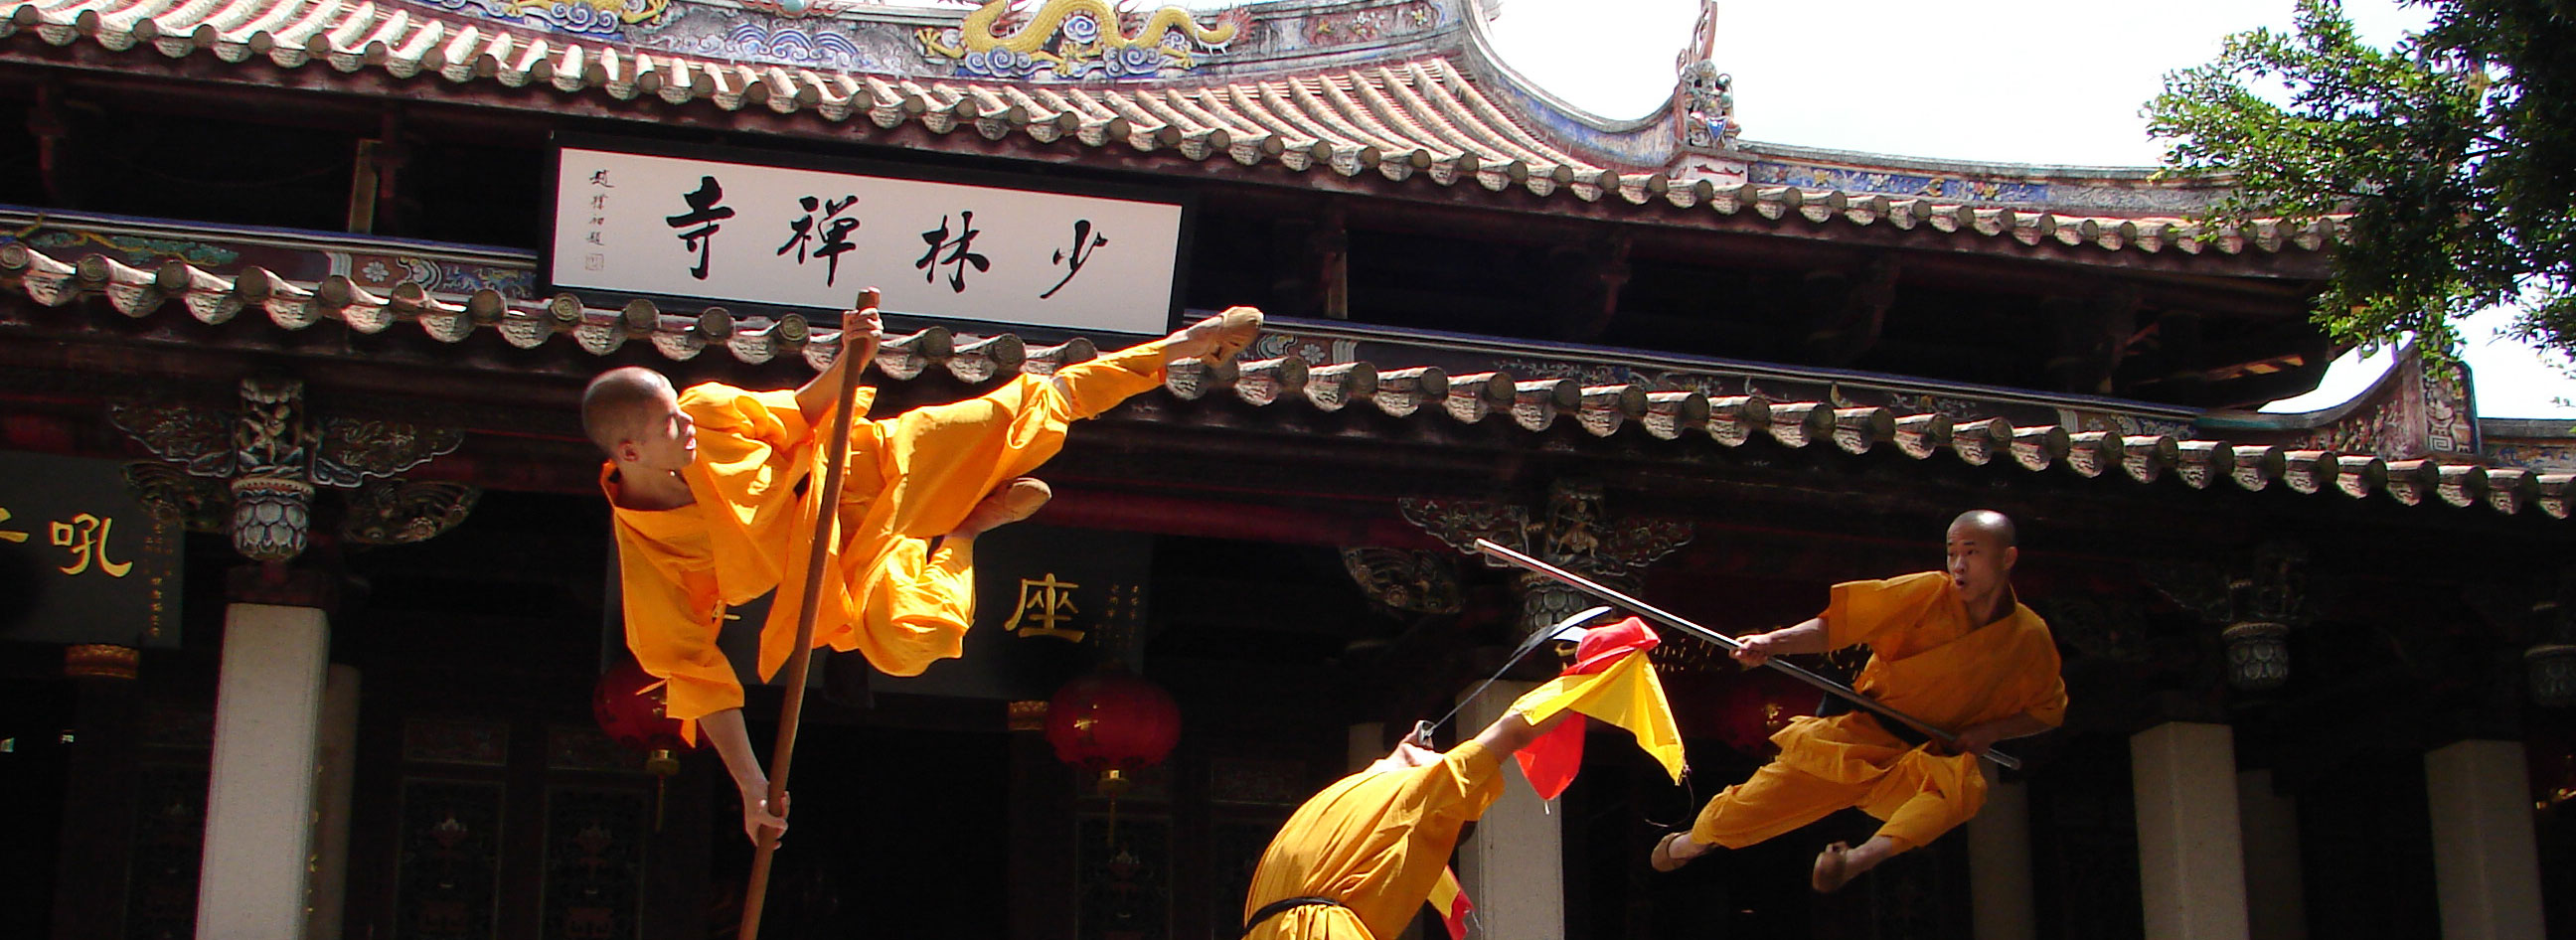 嵩山少林寺の画像 p1_3